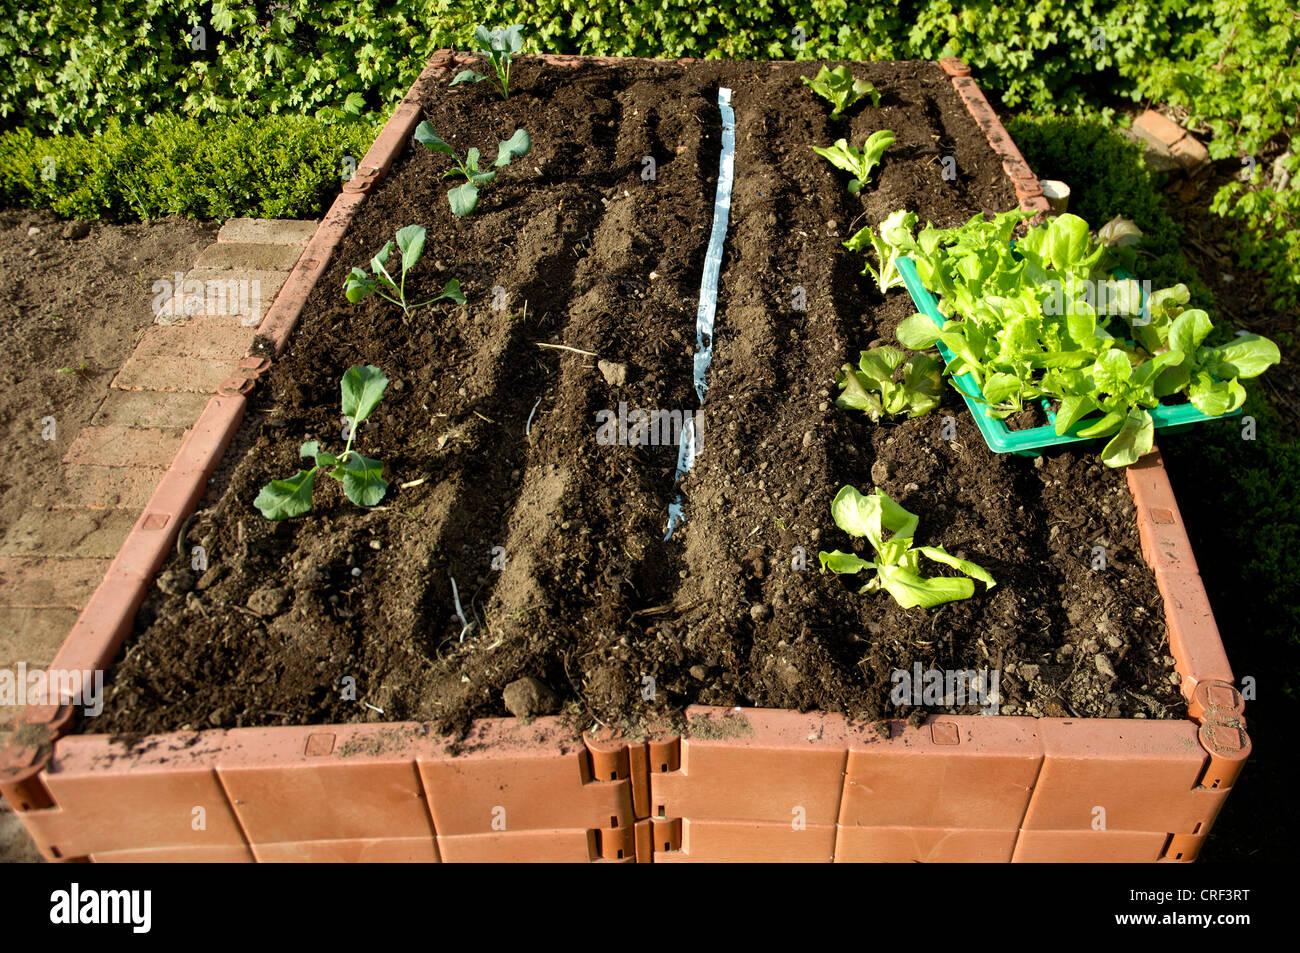 Hochbeet Mit Jungen Salat Pflanzen Stockfoto Bild 48890124 Alamy